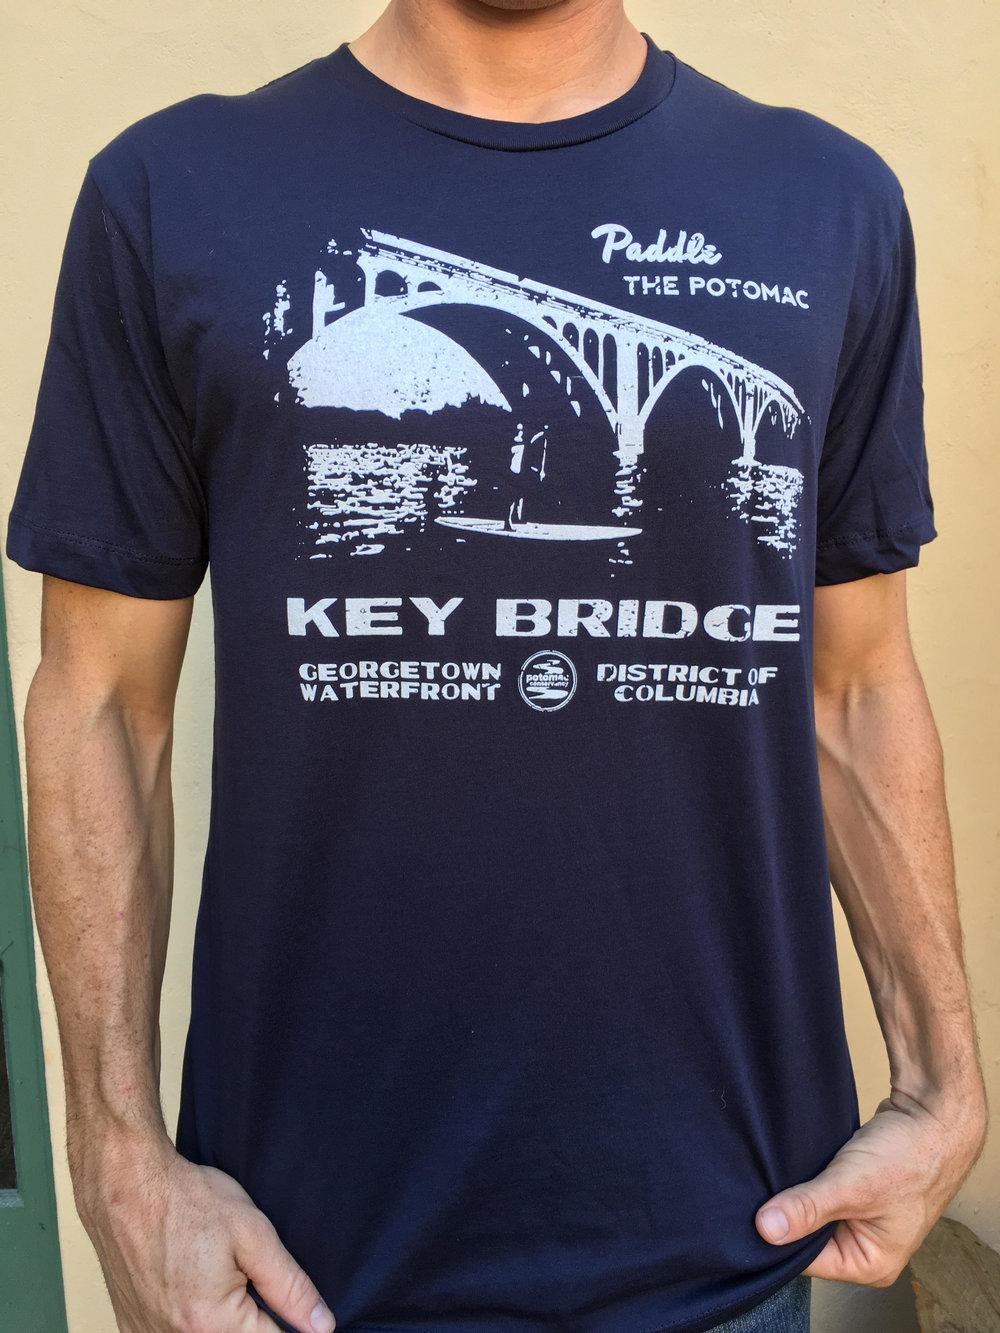 keybridgenavy.jpg